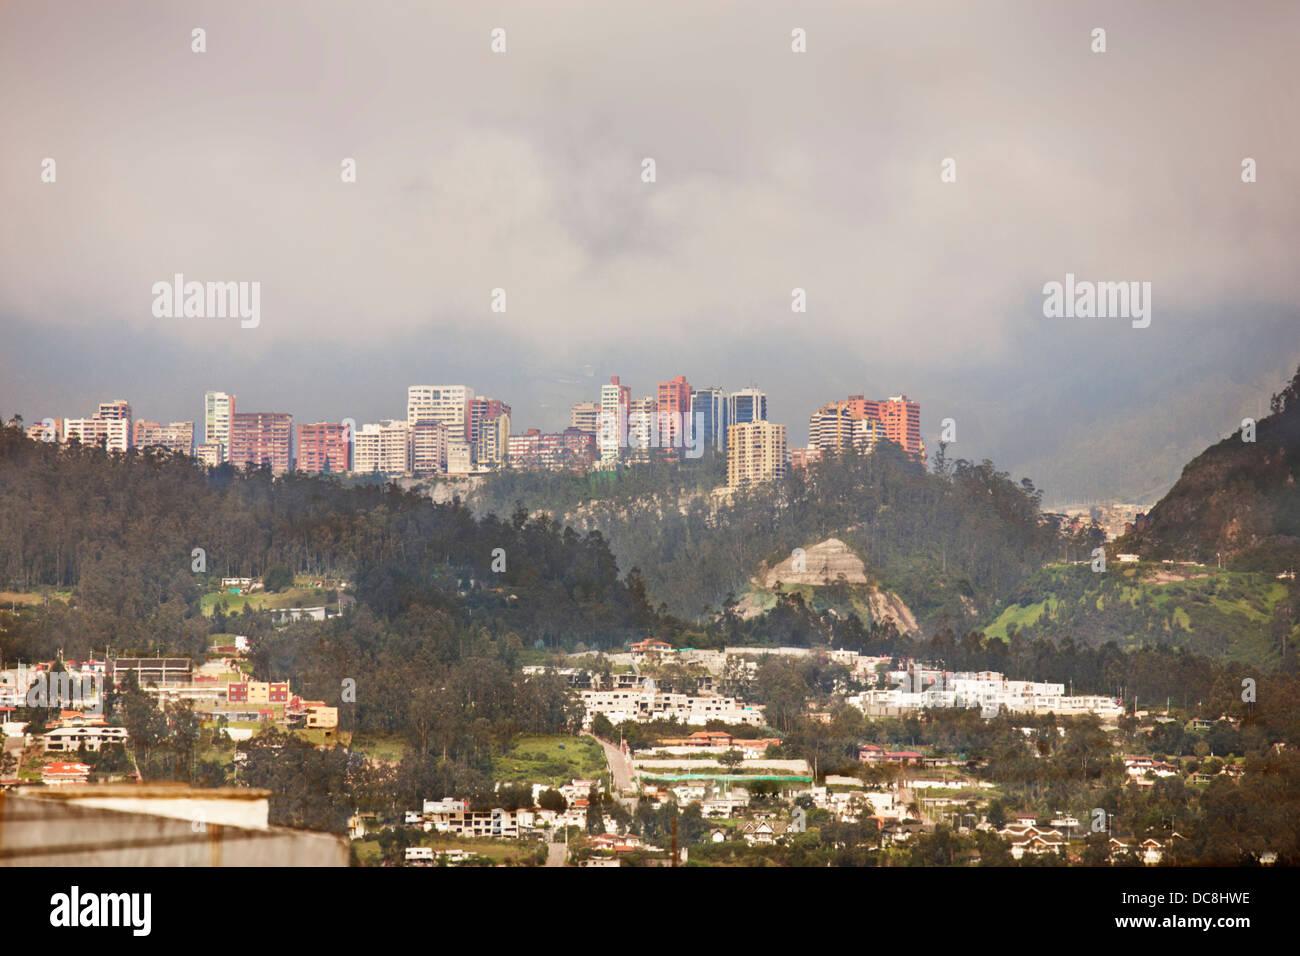 South America, Ecuador, Quito. Partial overview of city skyline. - Stock Image